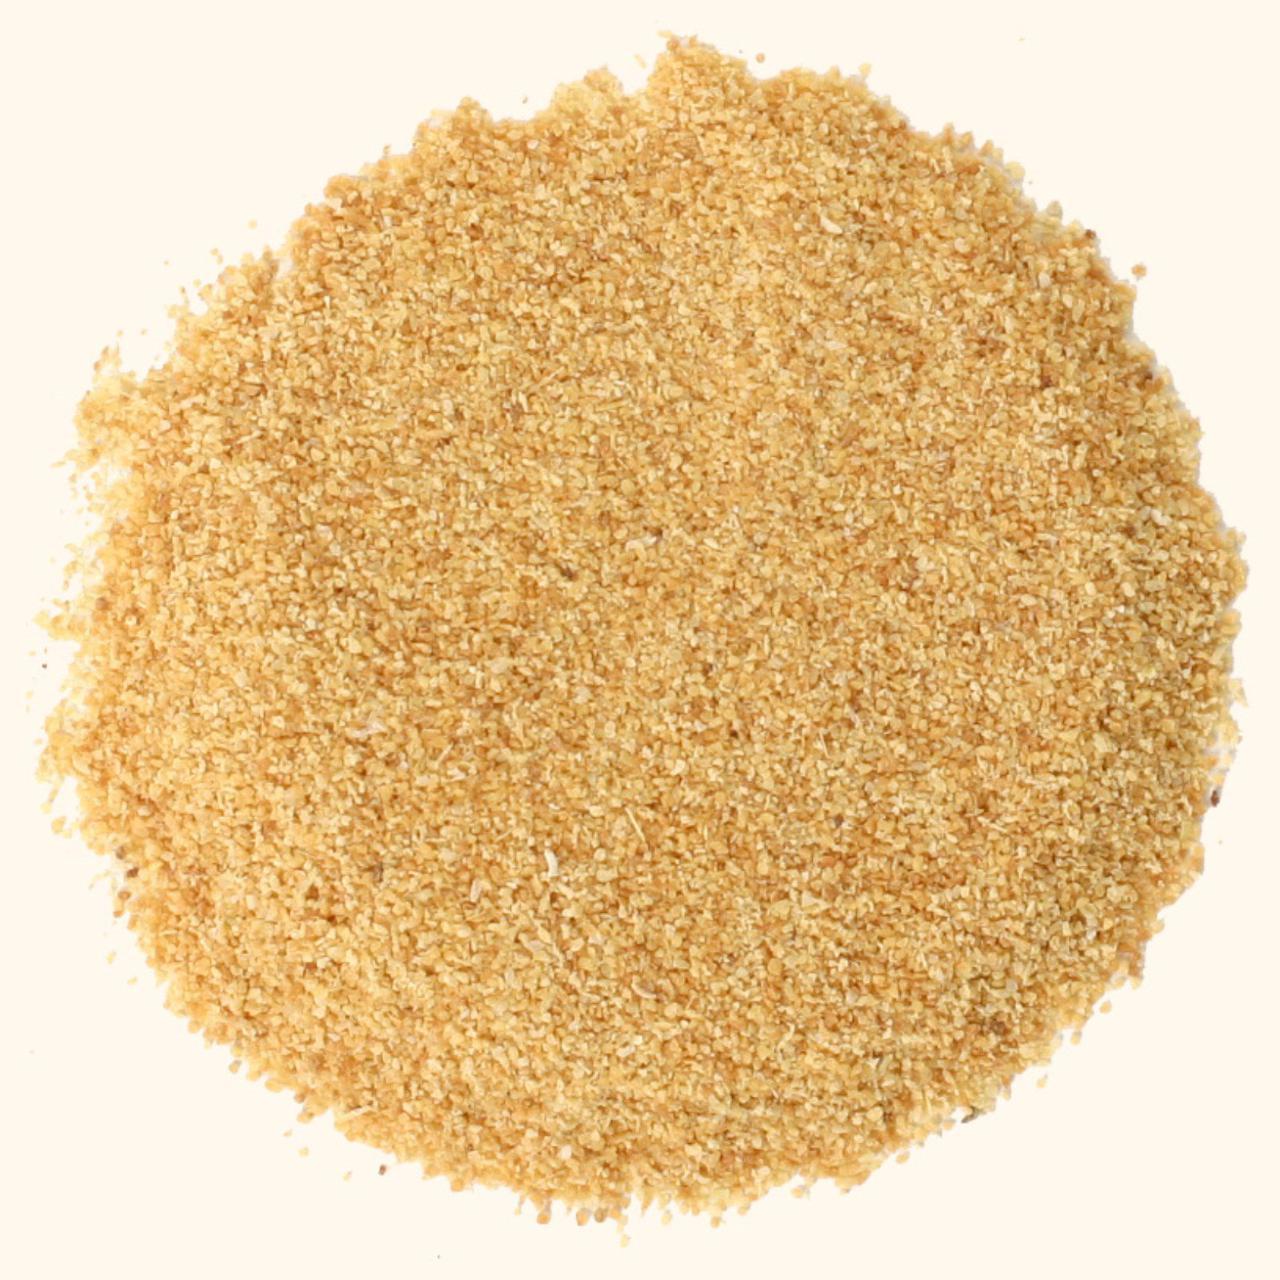 Frontier Natural Products, Органический гранулированный чеснок, 16 унций (453 г)